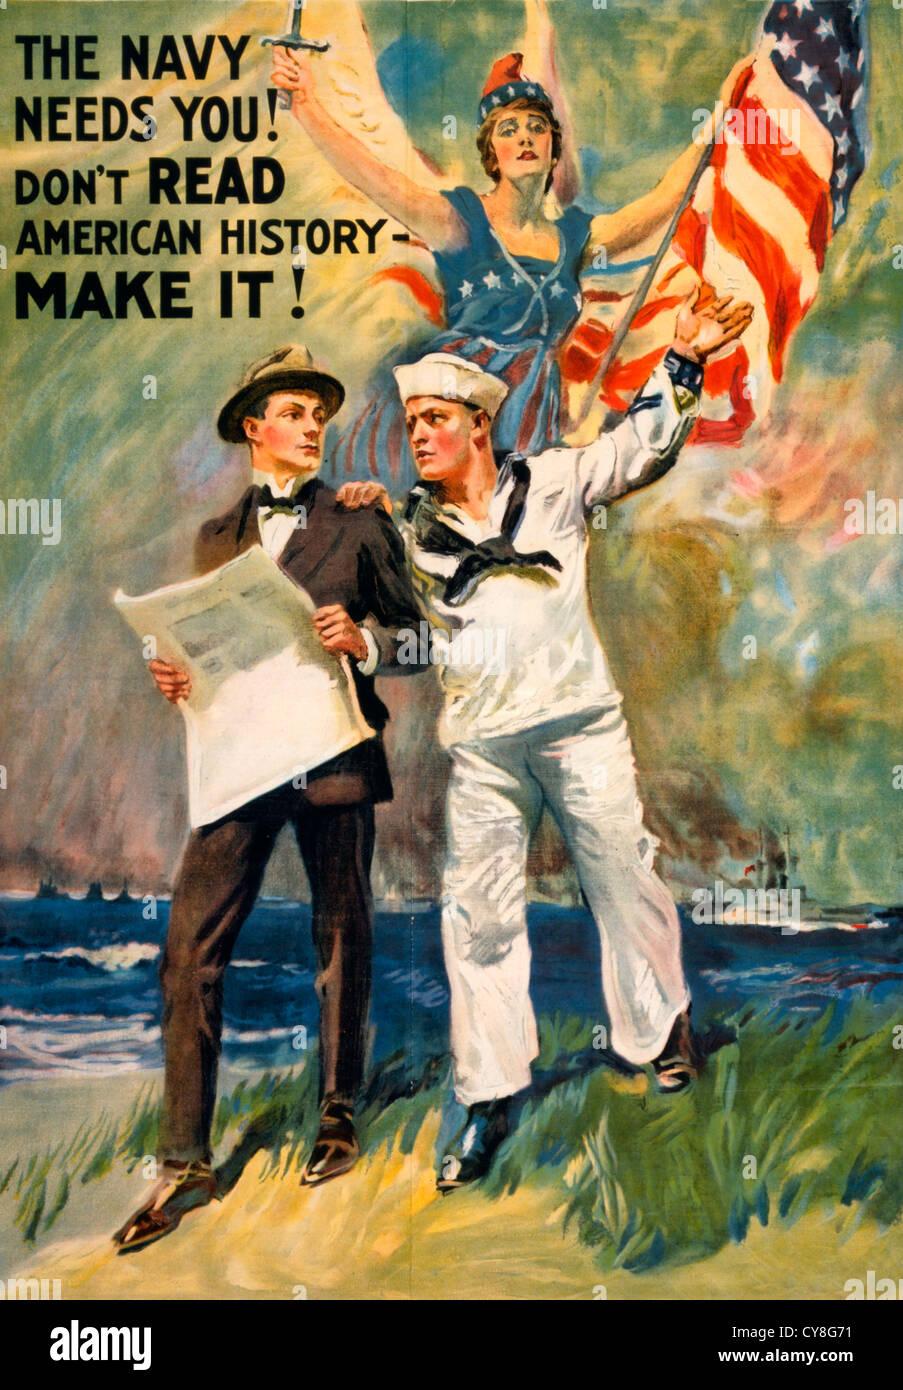 La Marina ha bisogno di voi! Non leggere storia americana - rendono! La prima guerra mondiale Poster raffigurante Immagini Stock